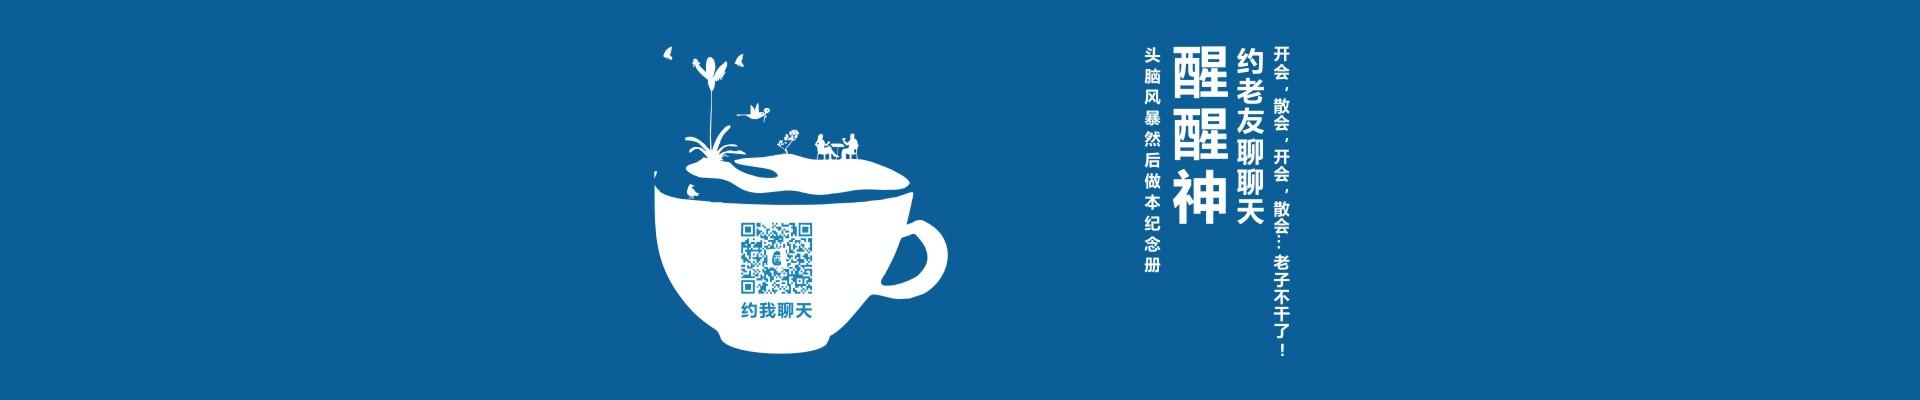 同学聚会纪念册-百铂文化定制公司